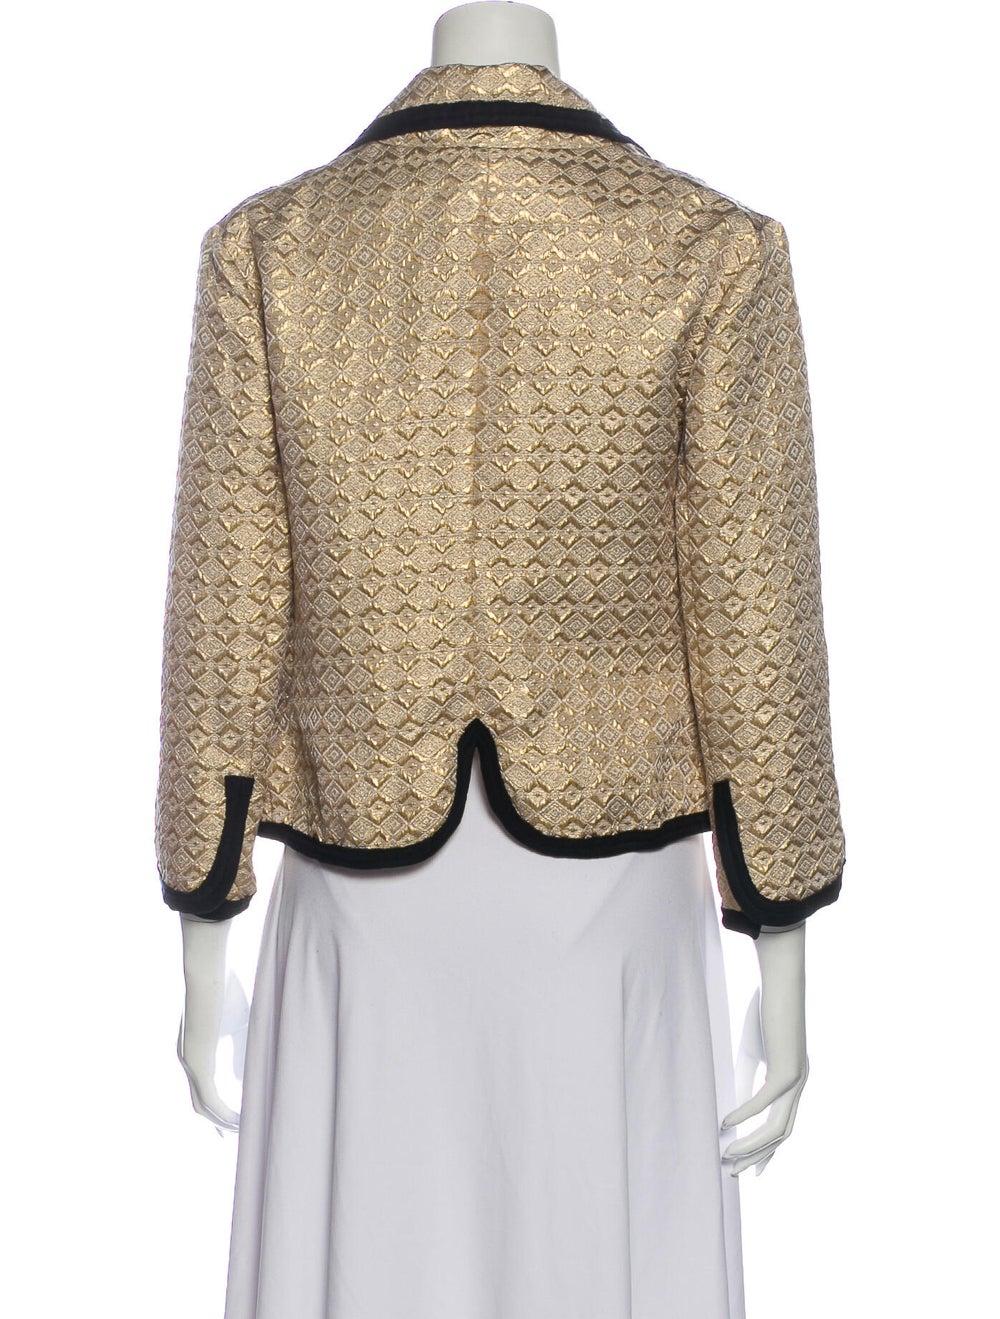 Marni Jacket Gold - image 3